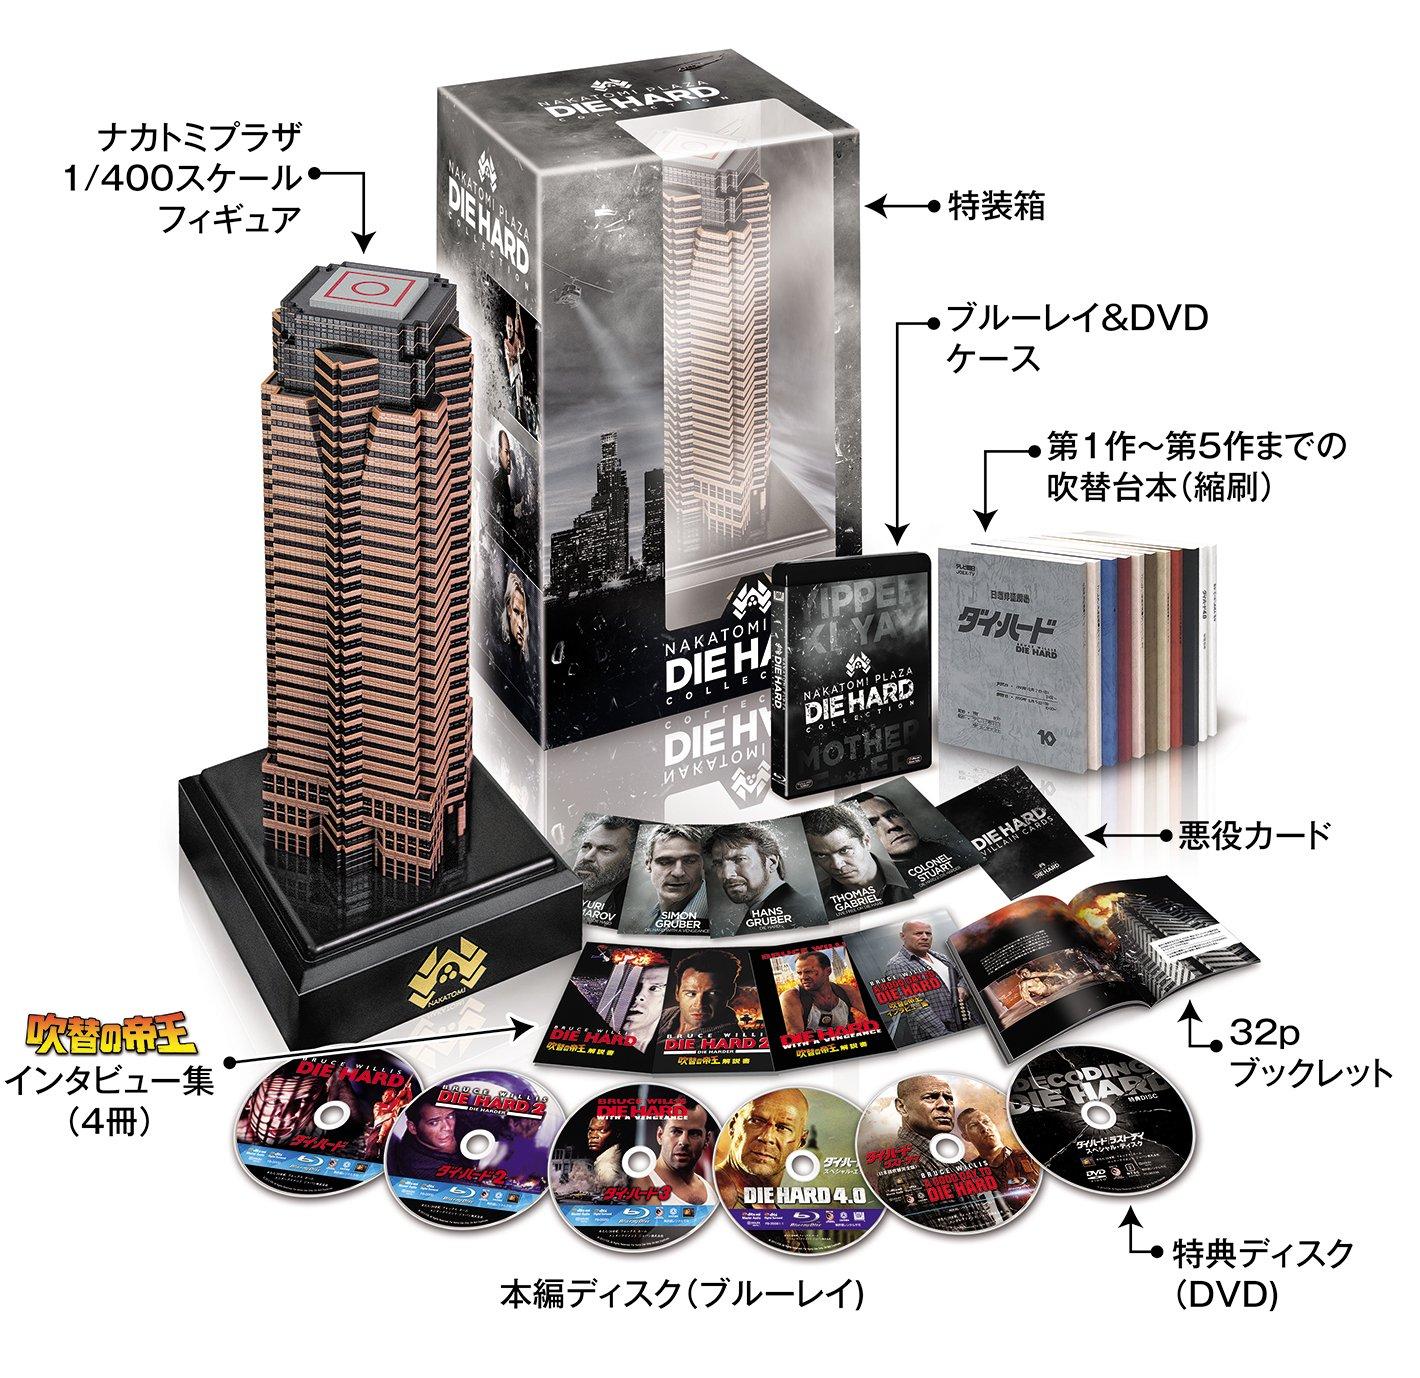 ダイ・ハード MEGA-BOX (ナカトミプラザ・フィギュア付)